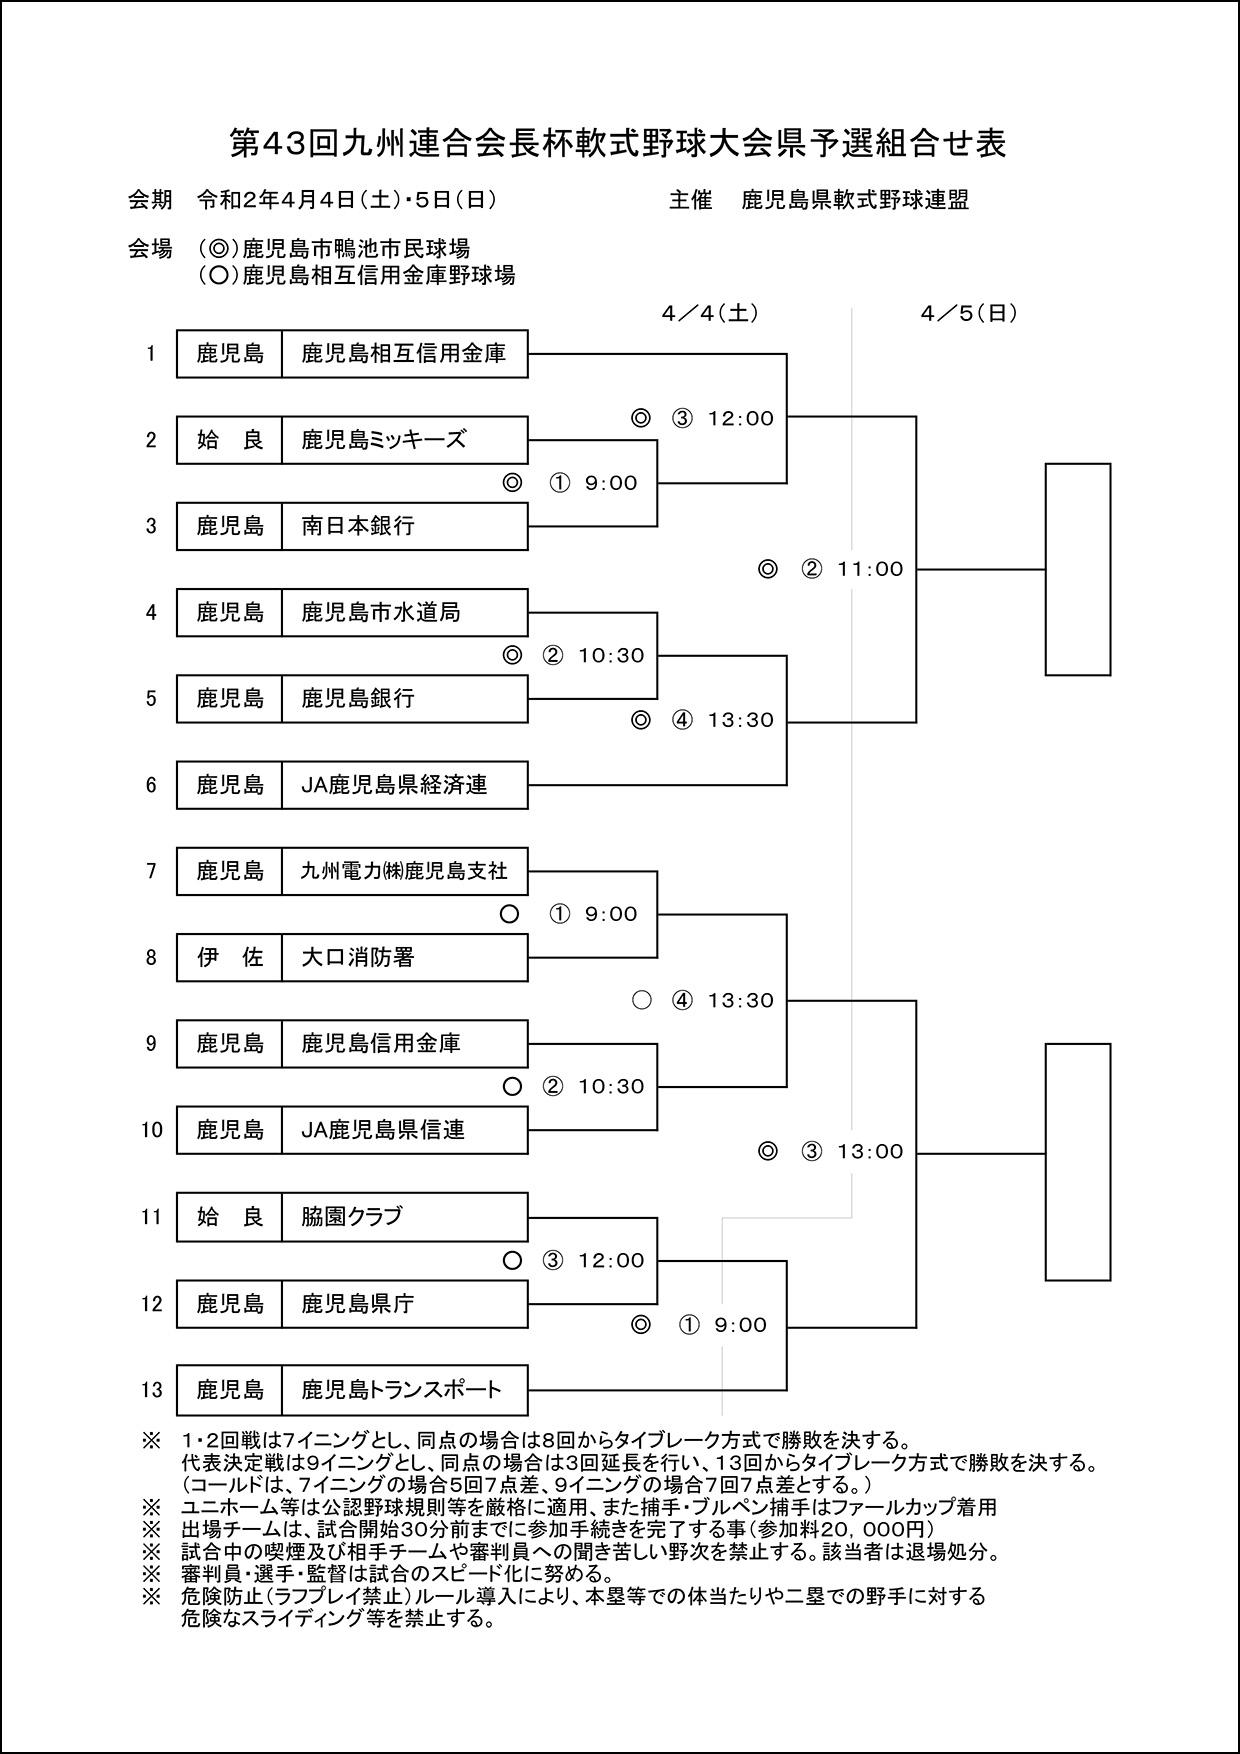 【組合せ】第43回九州連合会長杯軟式野球大会県予選